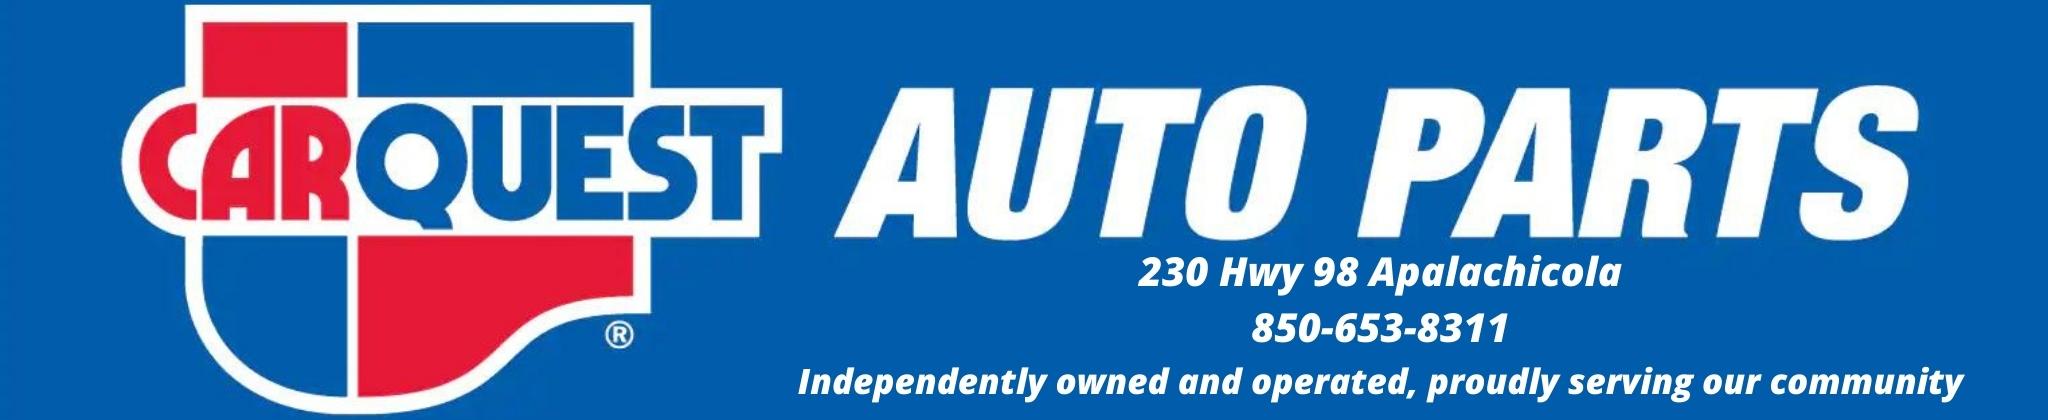 Flynn Auto Parts - Apalachicola CARQUEST